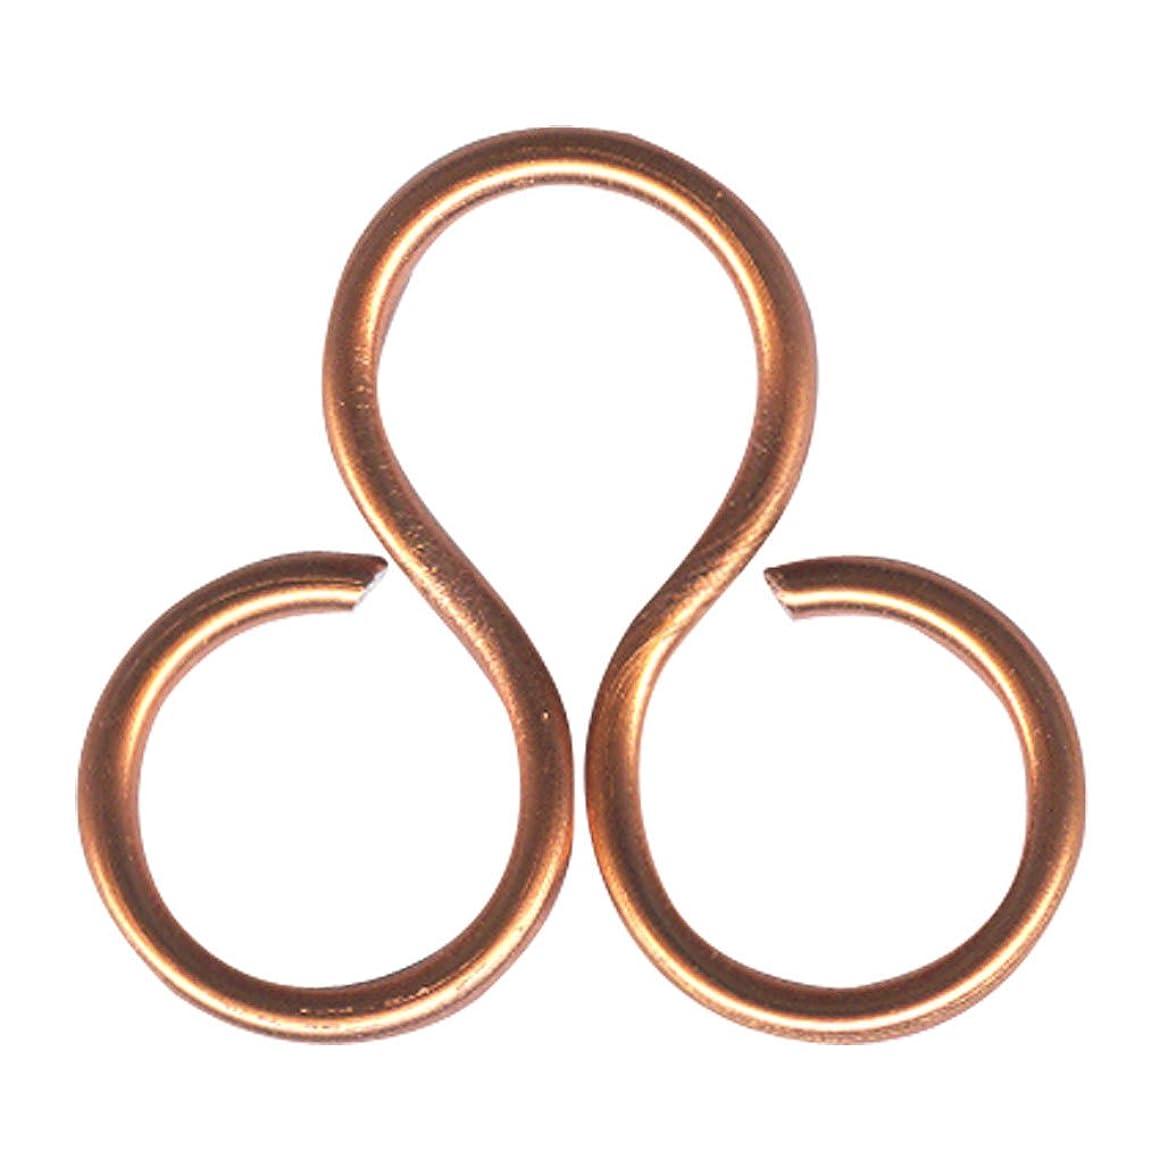 Vaessen Creative 1 mm x 10 m Aluminium Wire, Orange Copper